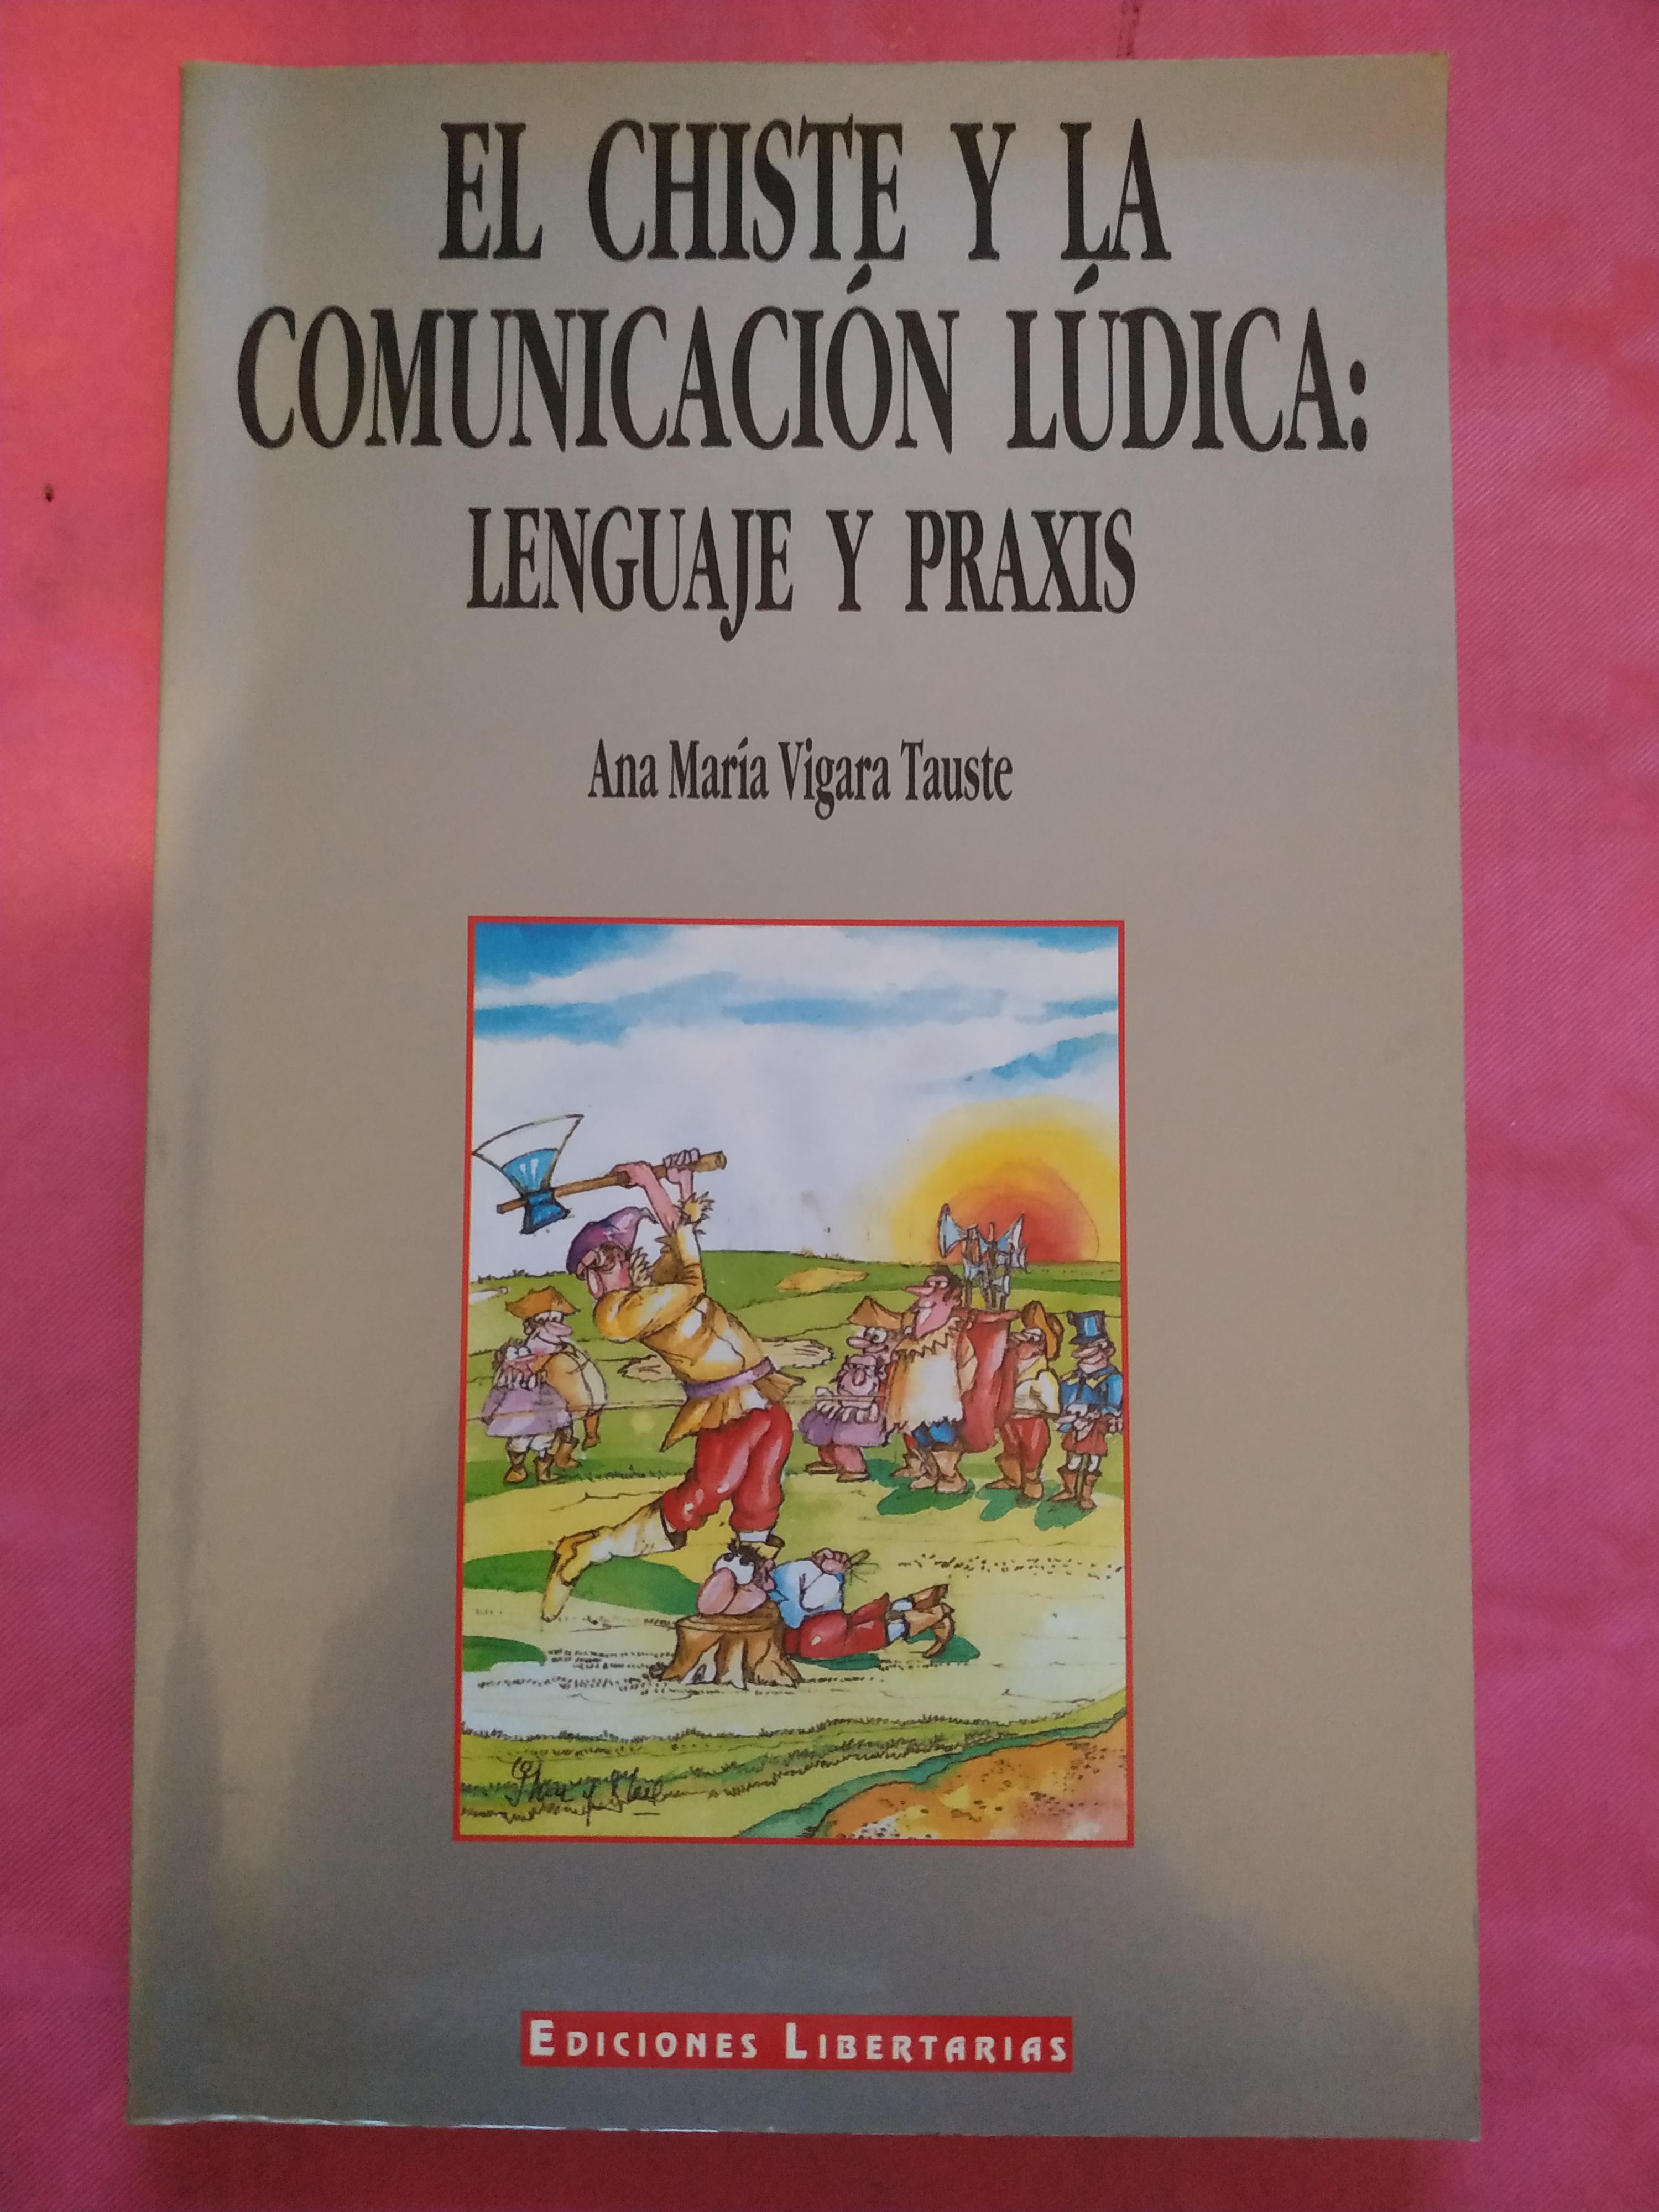 El chiste y la comunicación lúdica: lenguaje y praxis. - Vigara Tauste, Ana María.